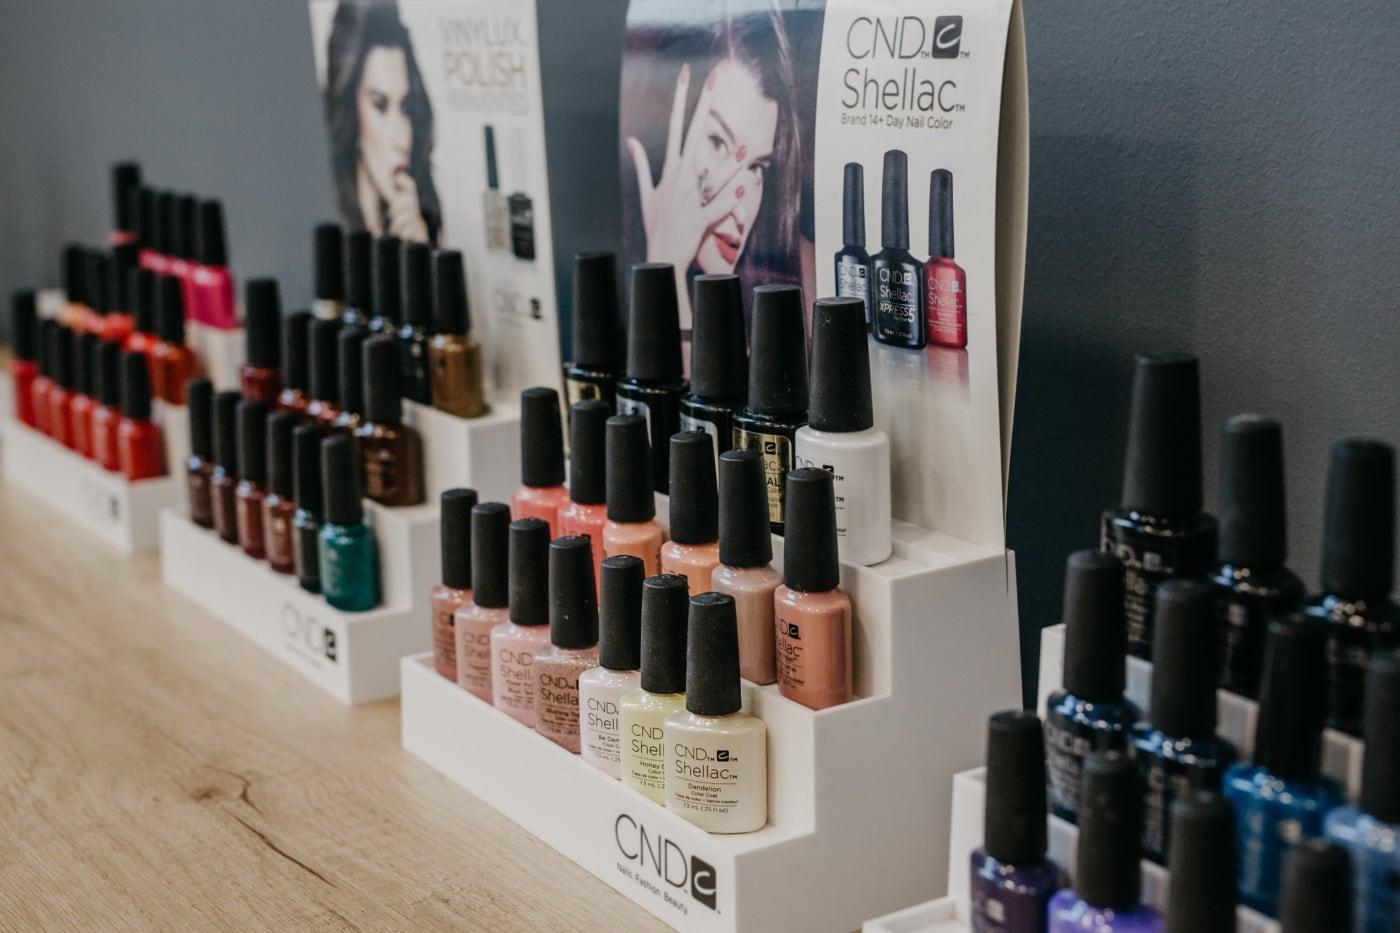 Polski, Kosmetyki, kolorowe, manicure, kolory, produkty, salon, Sklep, zakupy, kosmetyczne